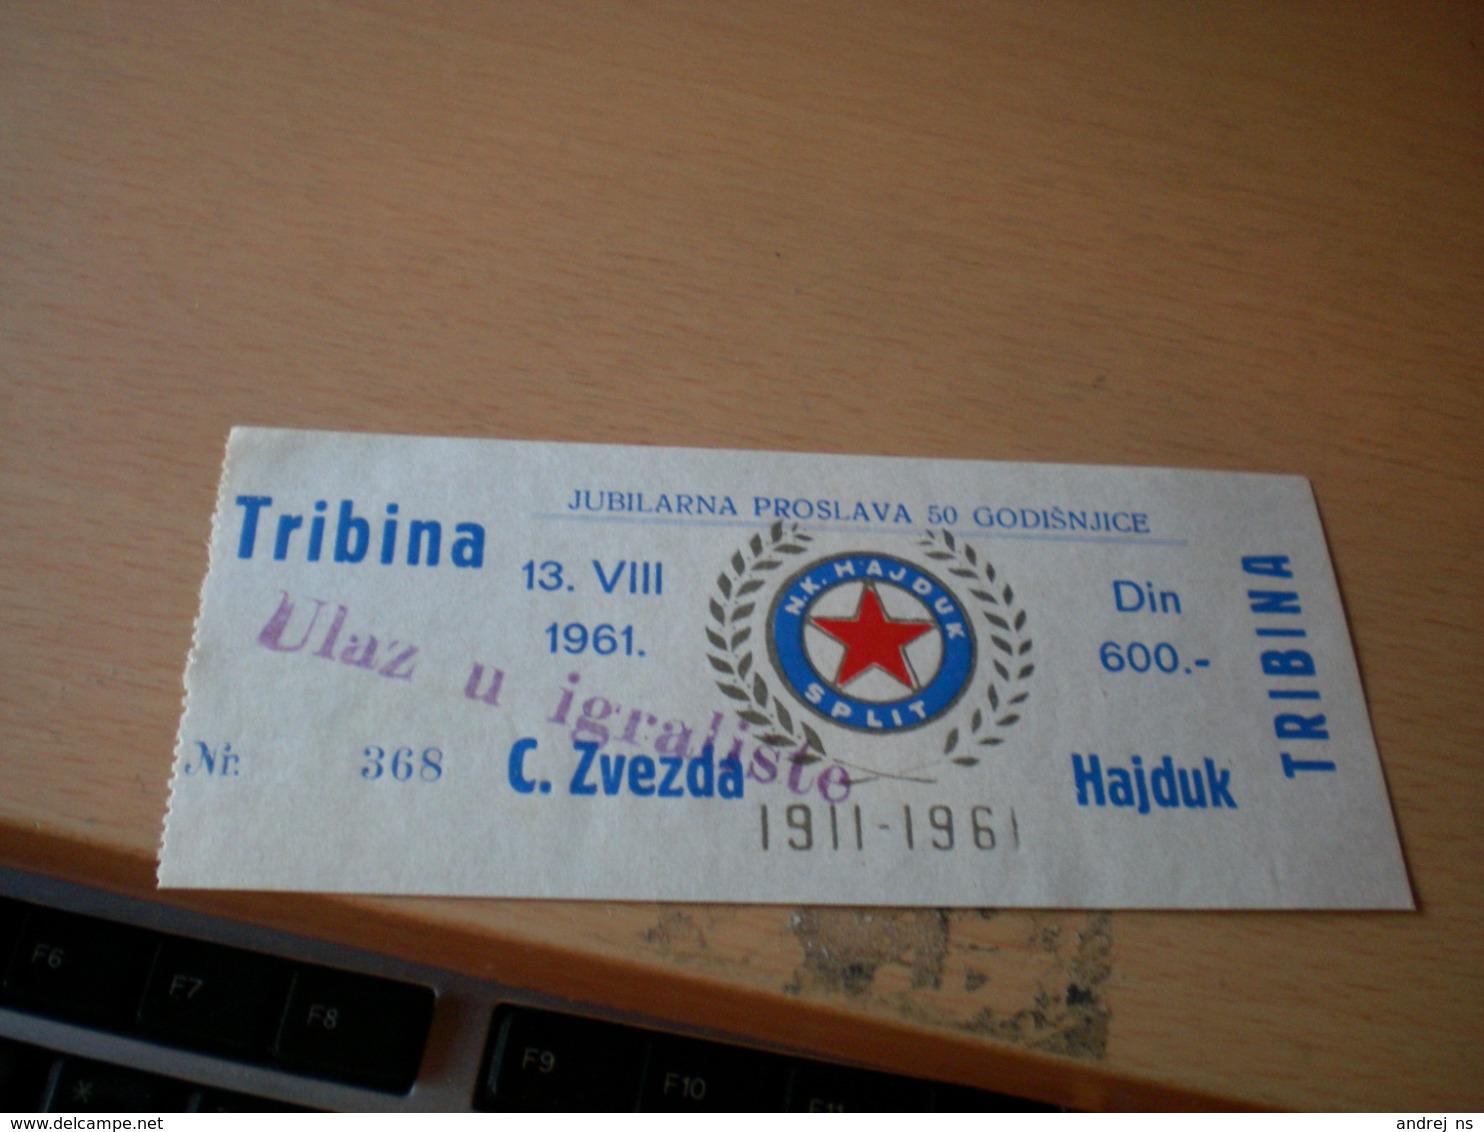 Football Hajduk Split  Jubilarna Proslava 50 Godina Crvena Zvezda Hajduk 1961 - Tickets - Vouchers